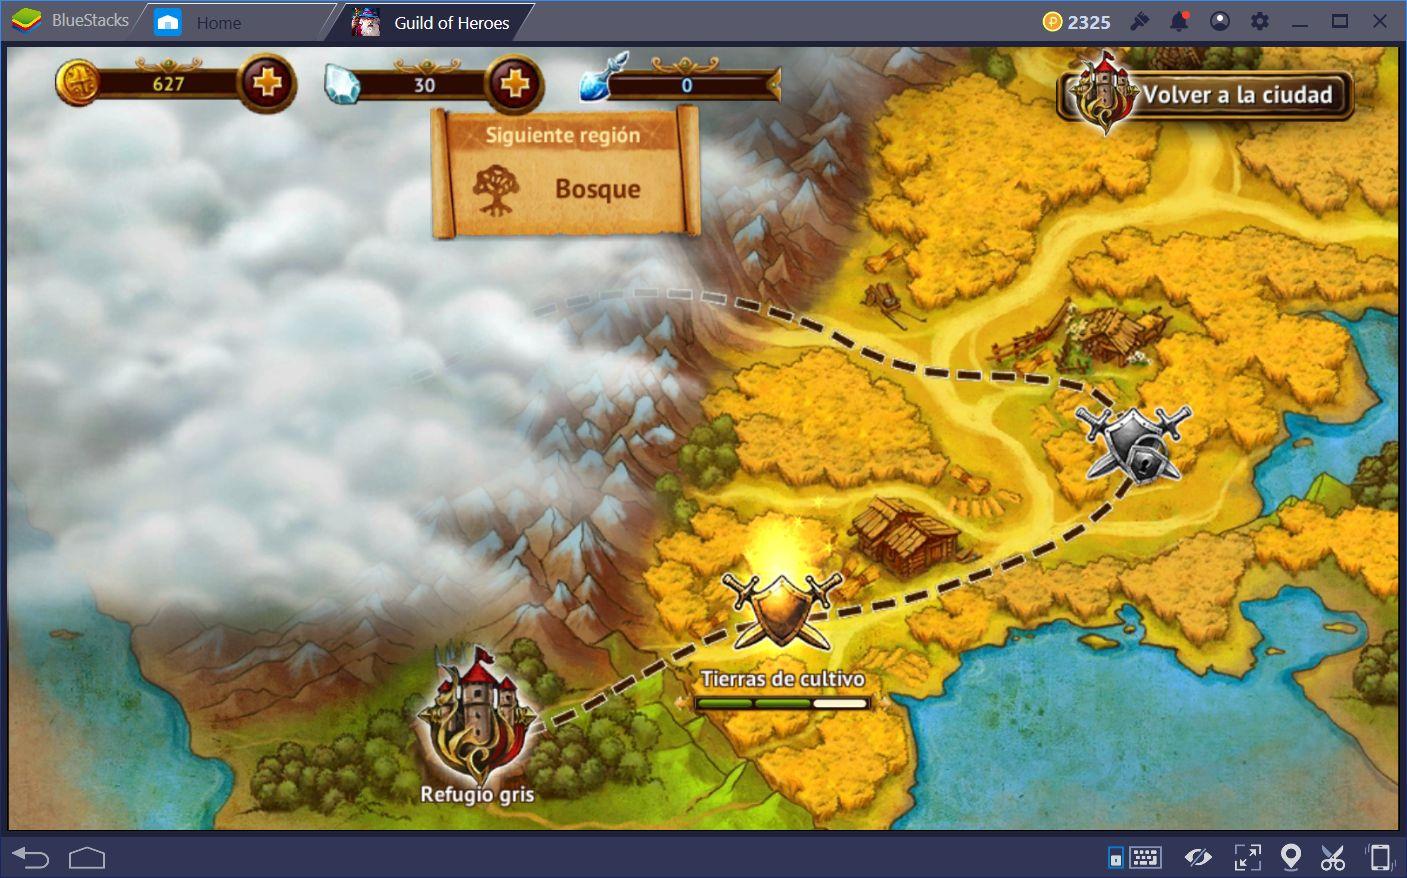 Comenzando Tu Aventura en Guild of Heroes